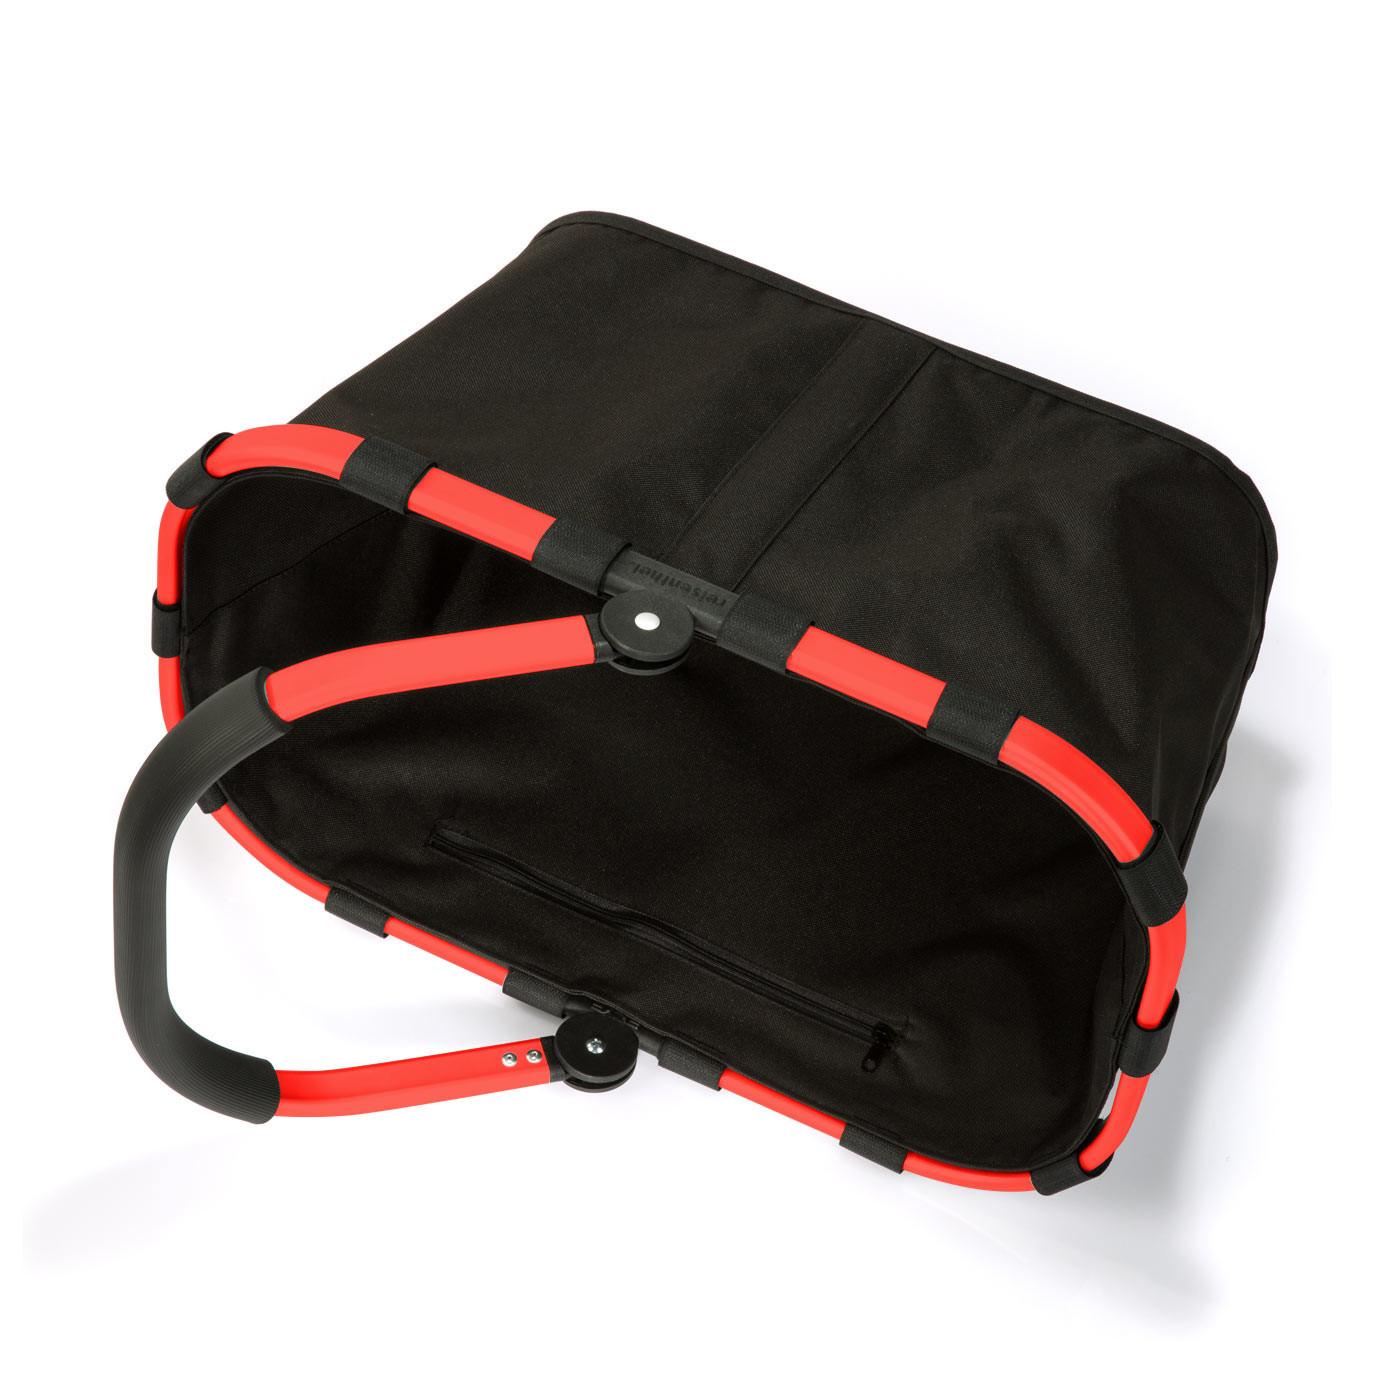 carrybag Einkaufskorb 22l - schwarz mit rotem Rahmen